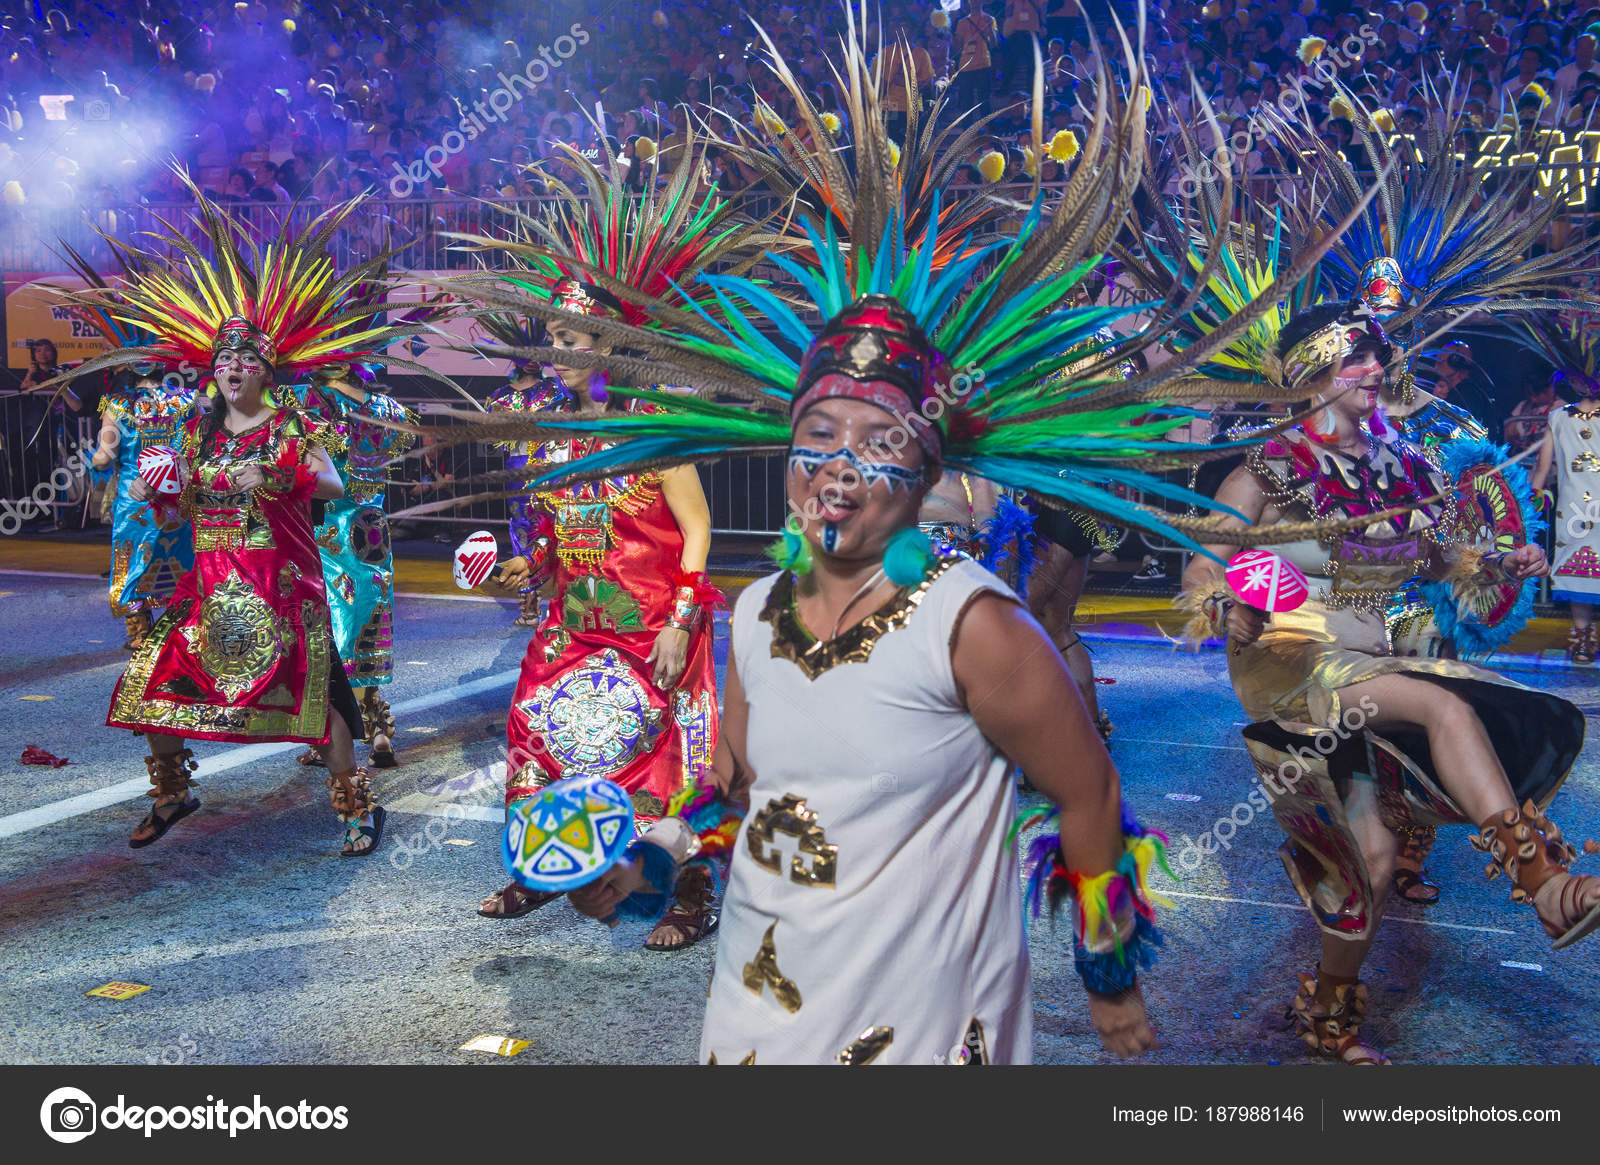 2018 Chingay Parade Foto Editorial De Stock C Kobbydagan 187988146